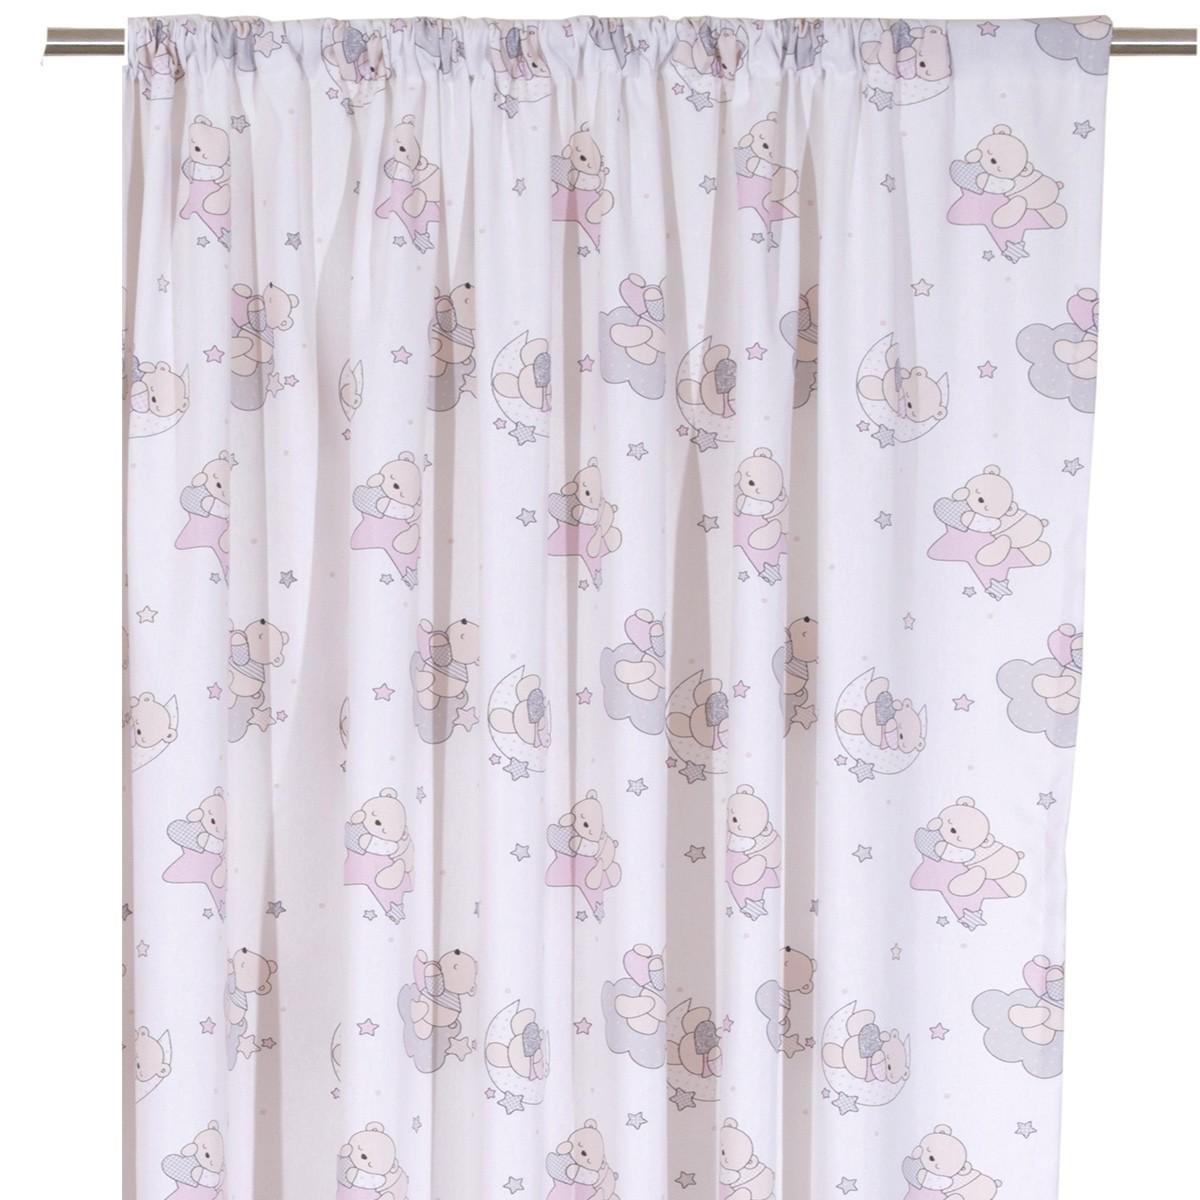 Παιδική Κουρτίνα (280×270) Viopros Curtains Τέντι Ροζ